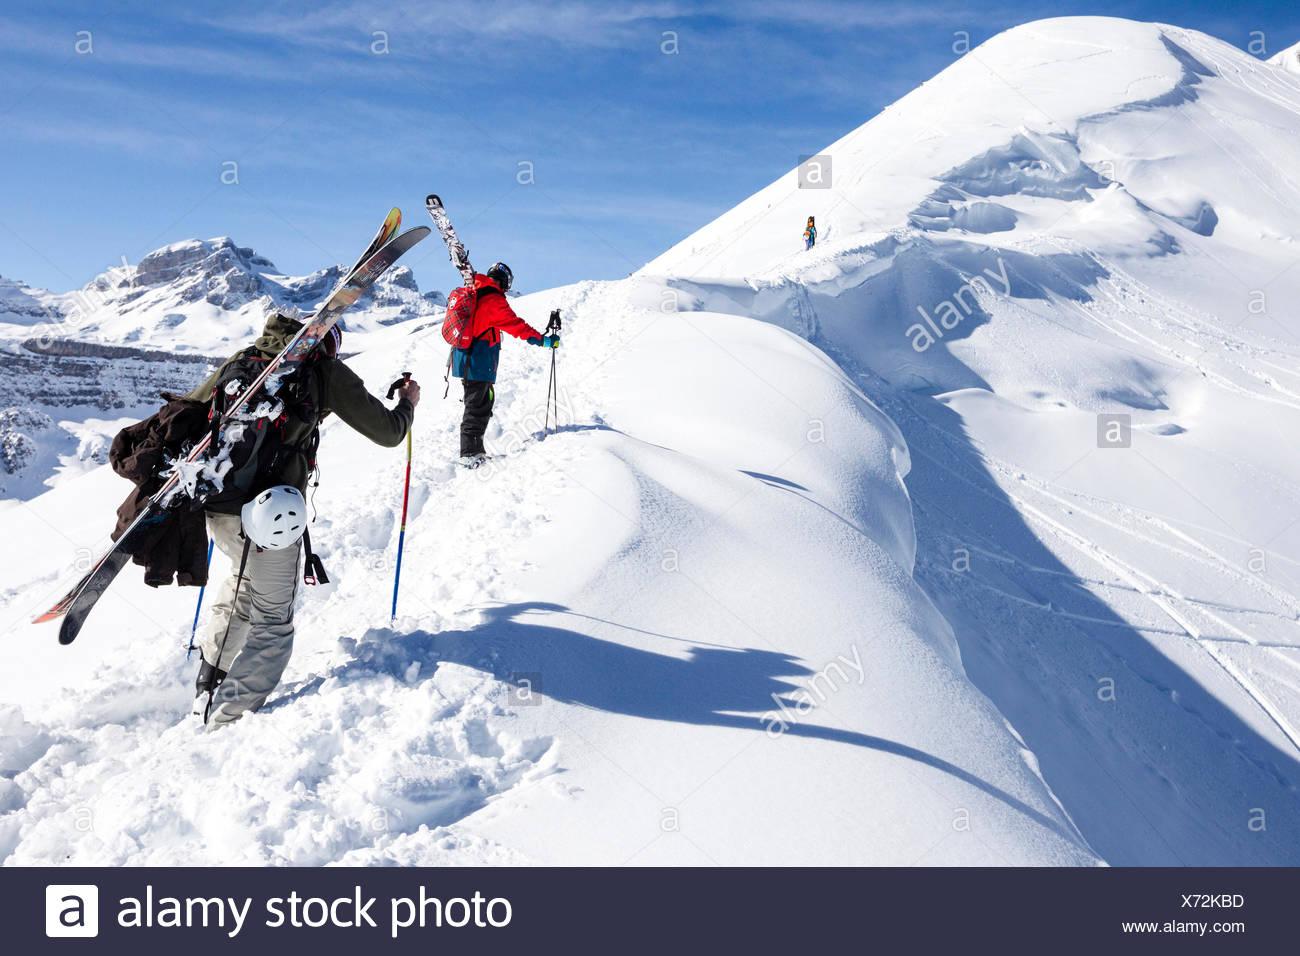 Two skiers ascending in deep snow, freeride skiing area Haldigrat, Niederrickenbach, Oberdorf, Canton of Nidwalden, Switzerland - Stock Image